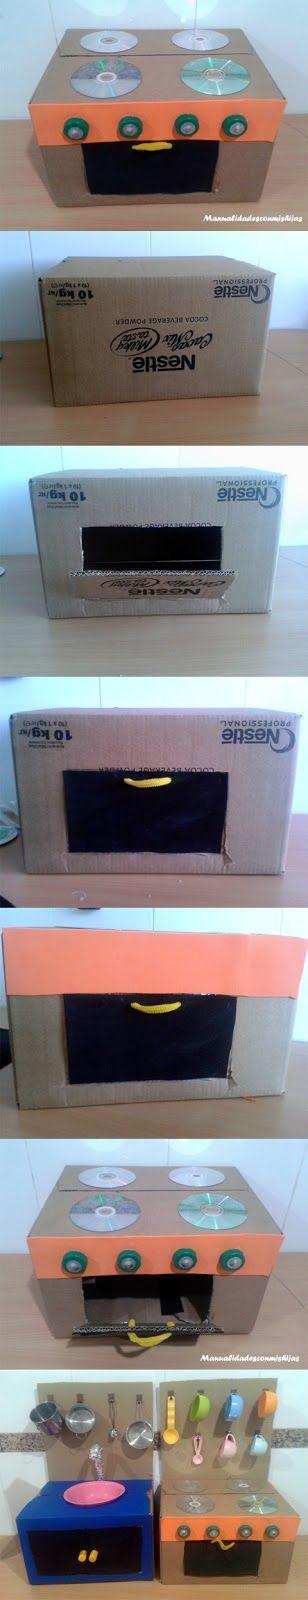 Manualidades con mis hijas cocinita con cajas de cart n - Manualidades con cajas ...